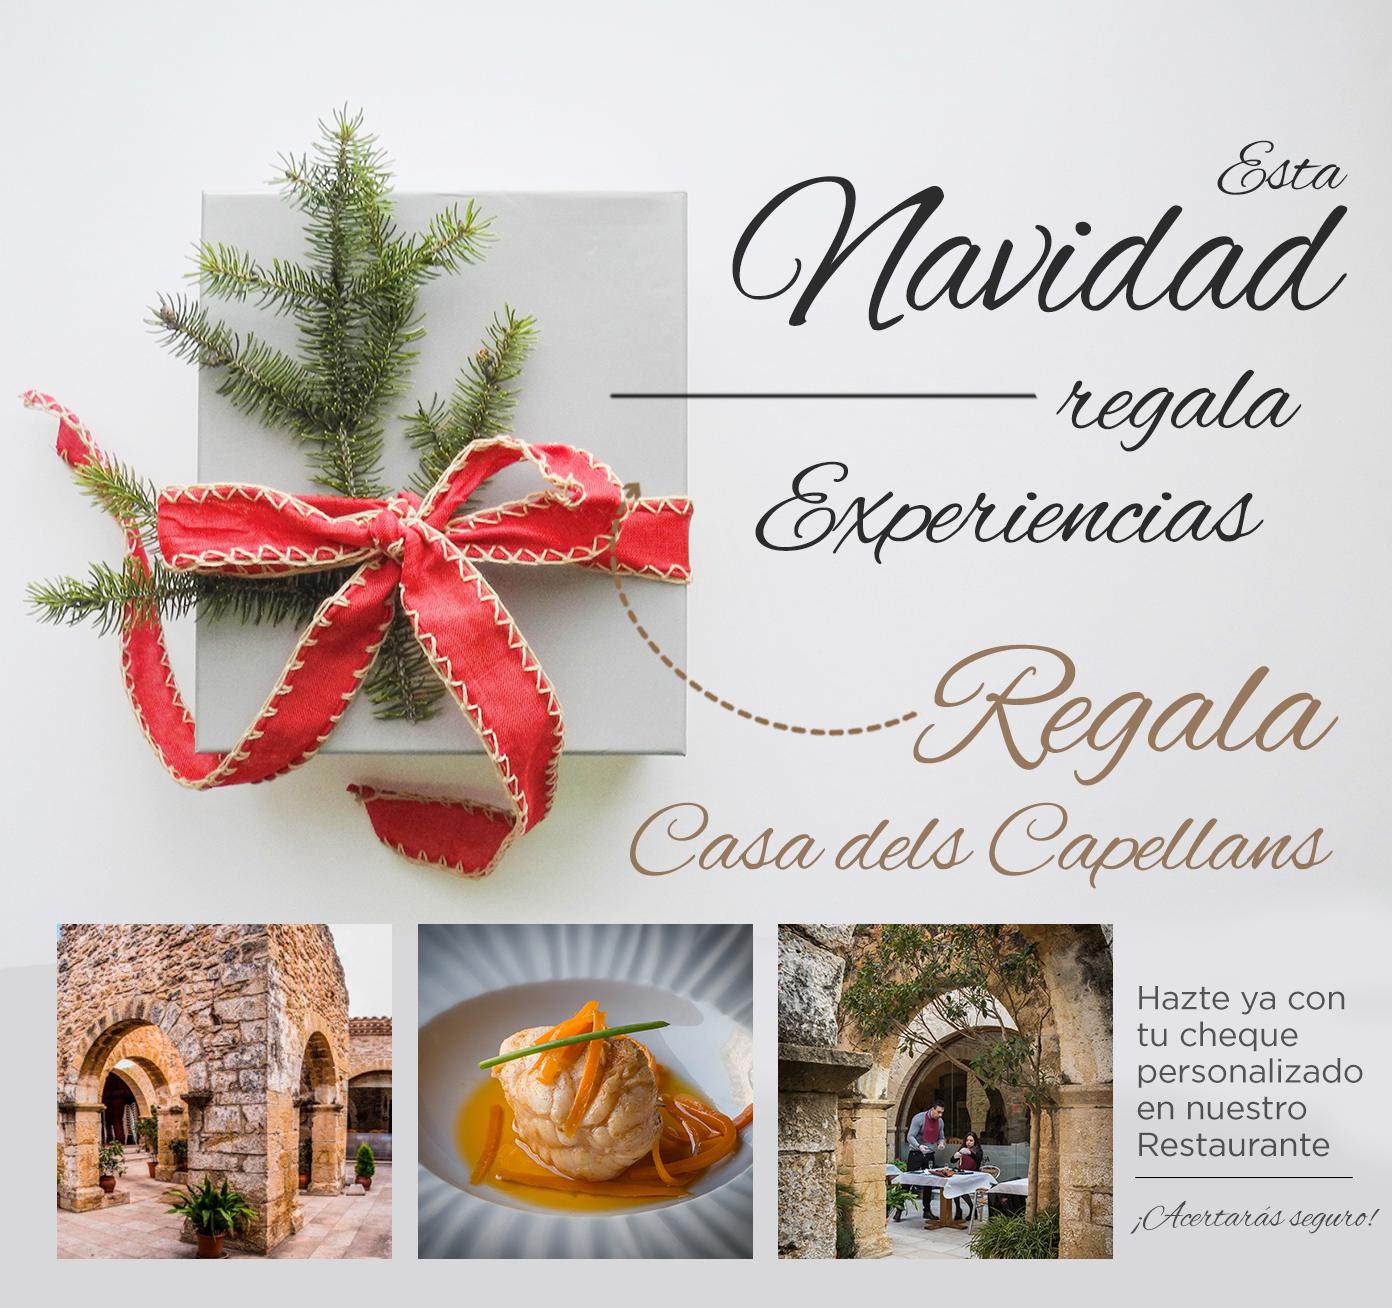 Esta Navidad regala Casa dels Capellans